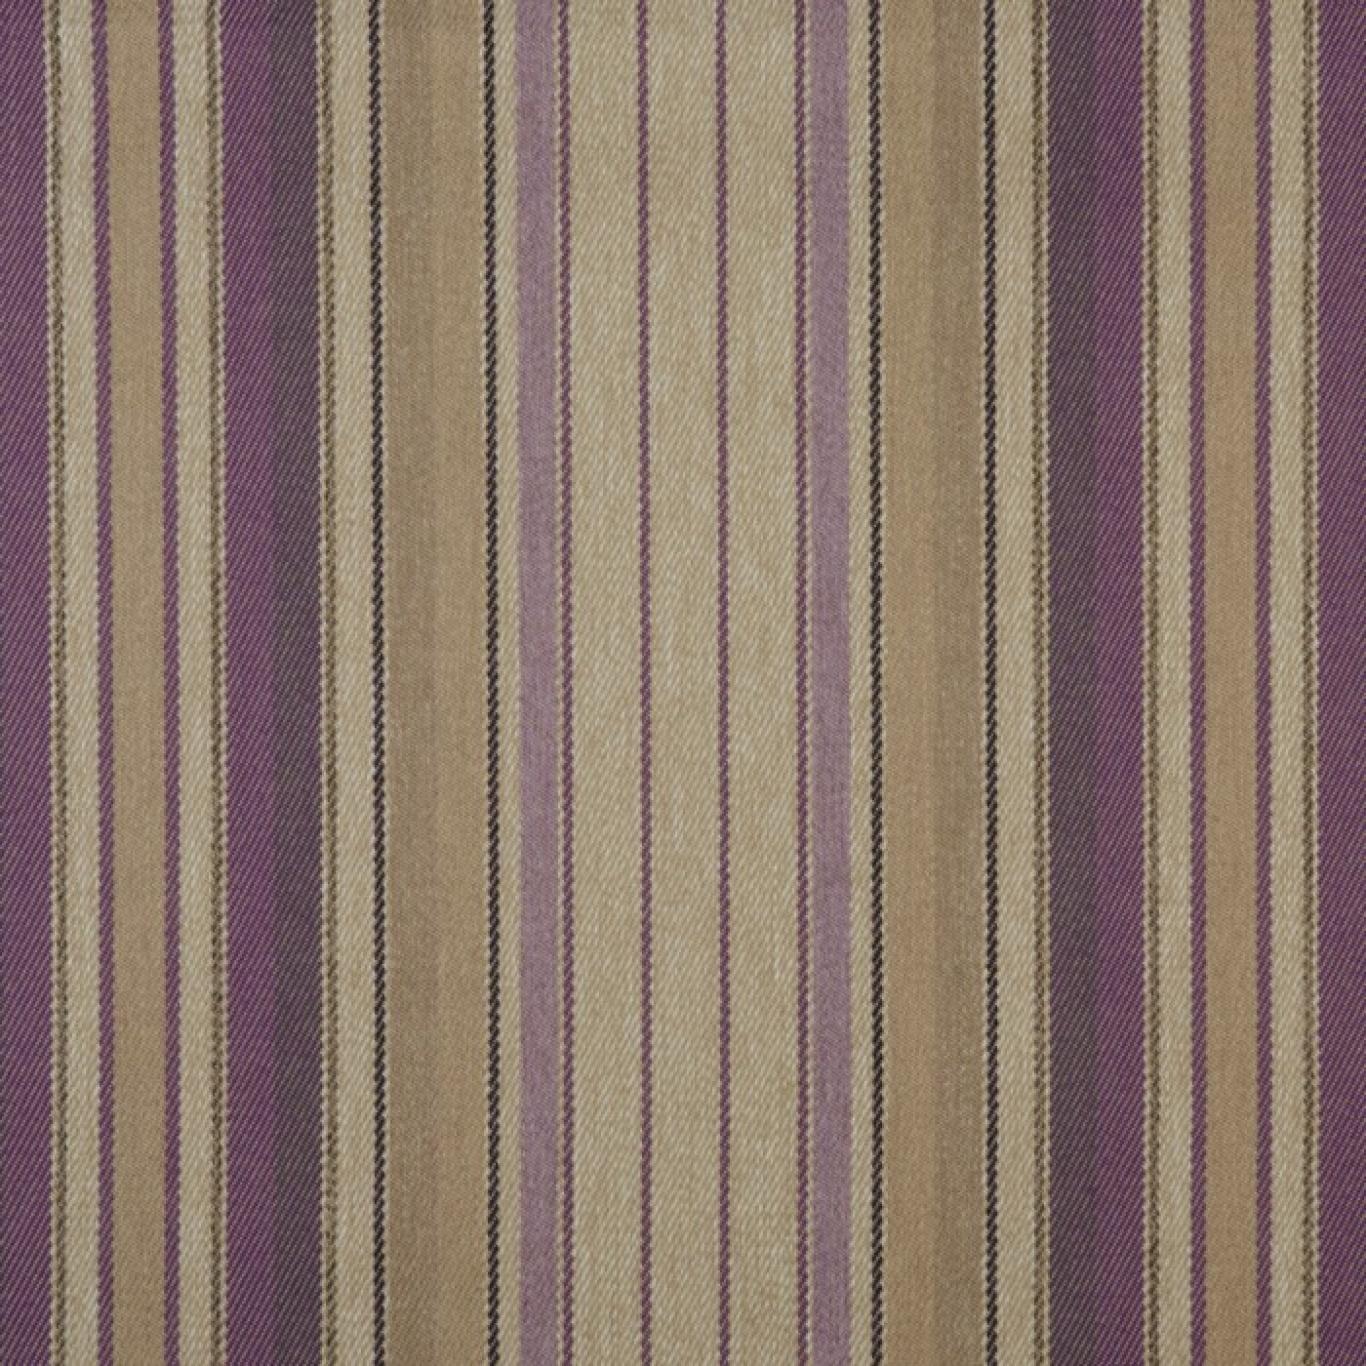 Image of Prestigious Braemar Thistle Fabric